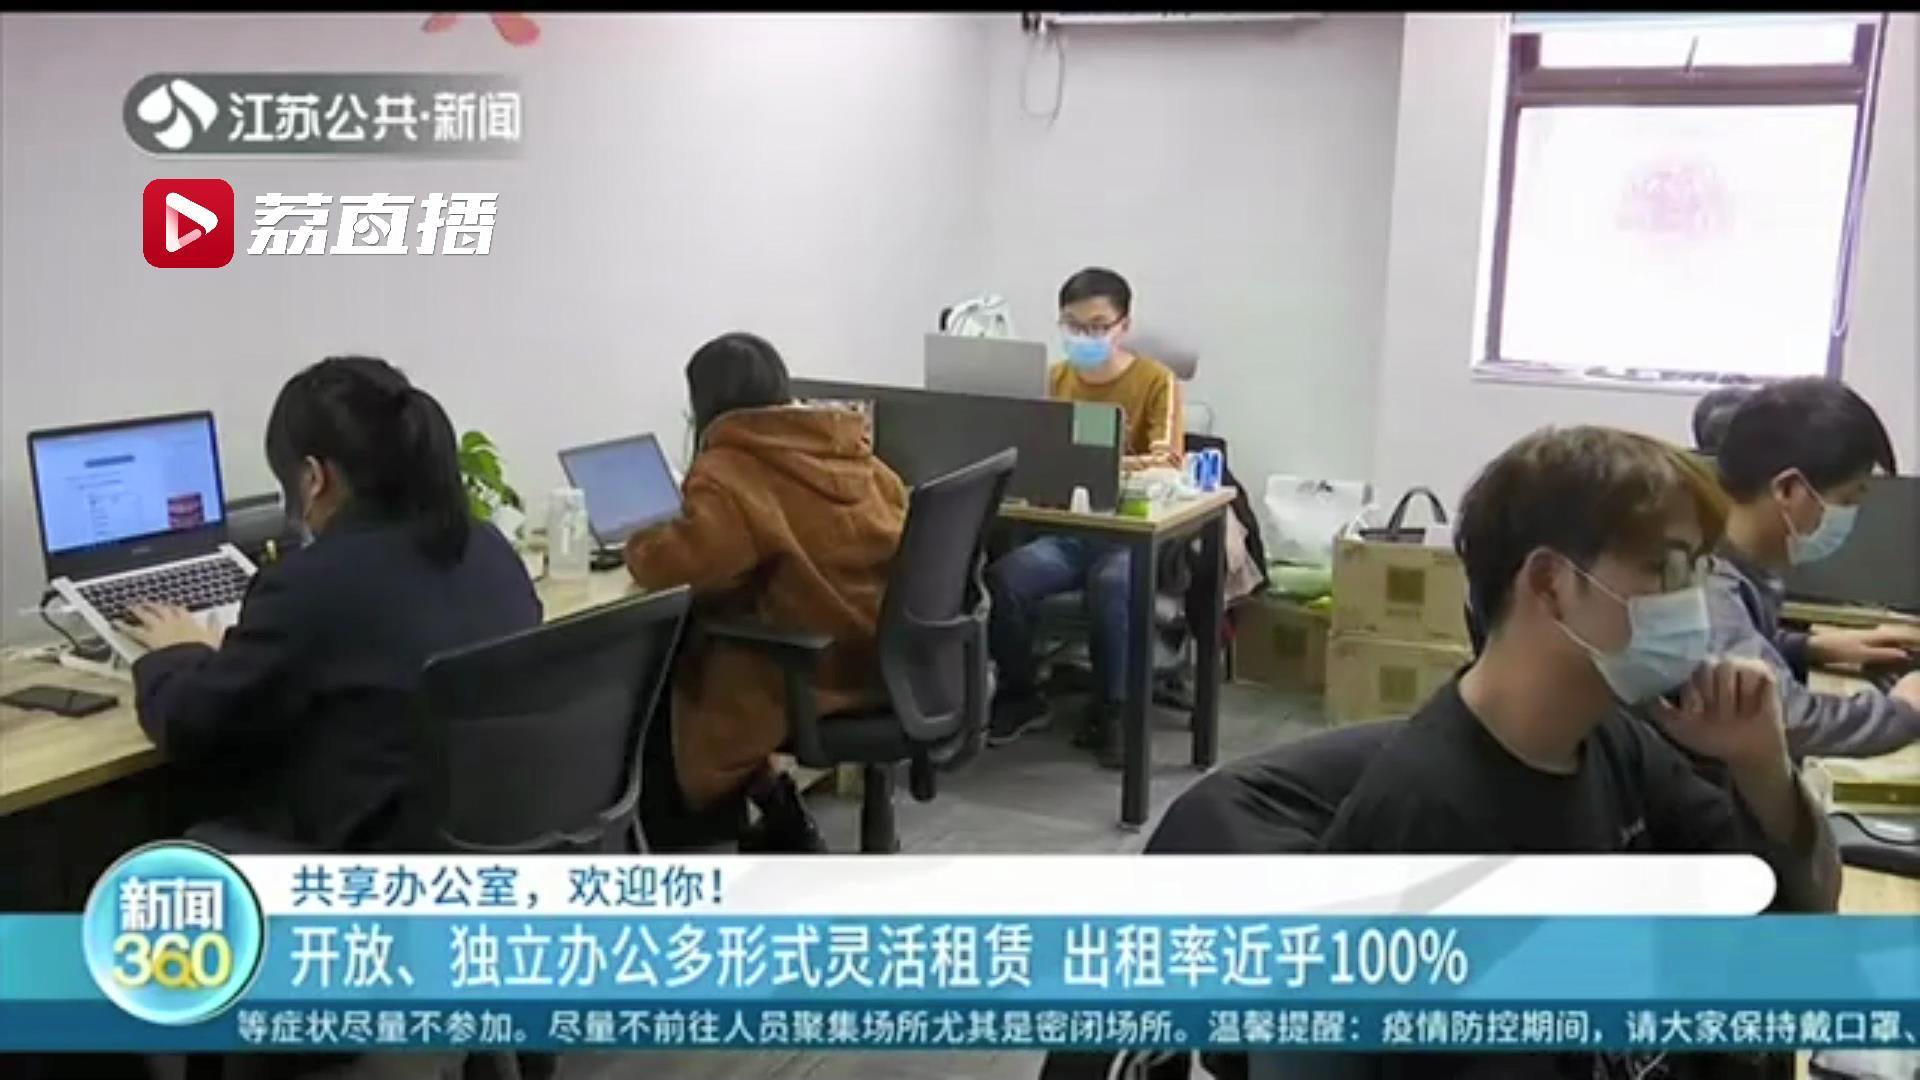 形式灵活!共享办公室在南京大受欢迎 记者去探访了一番